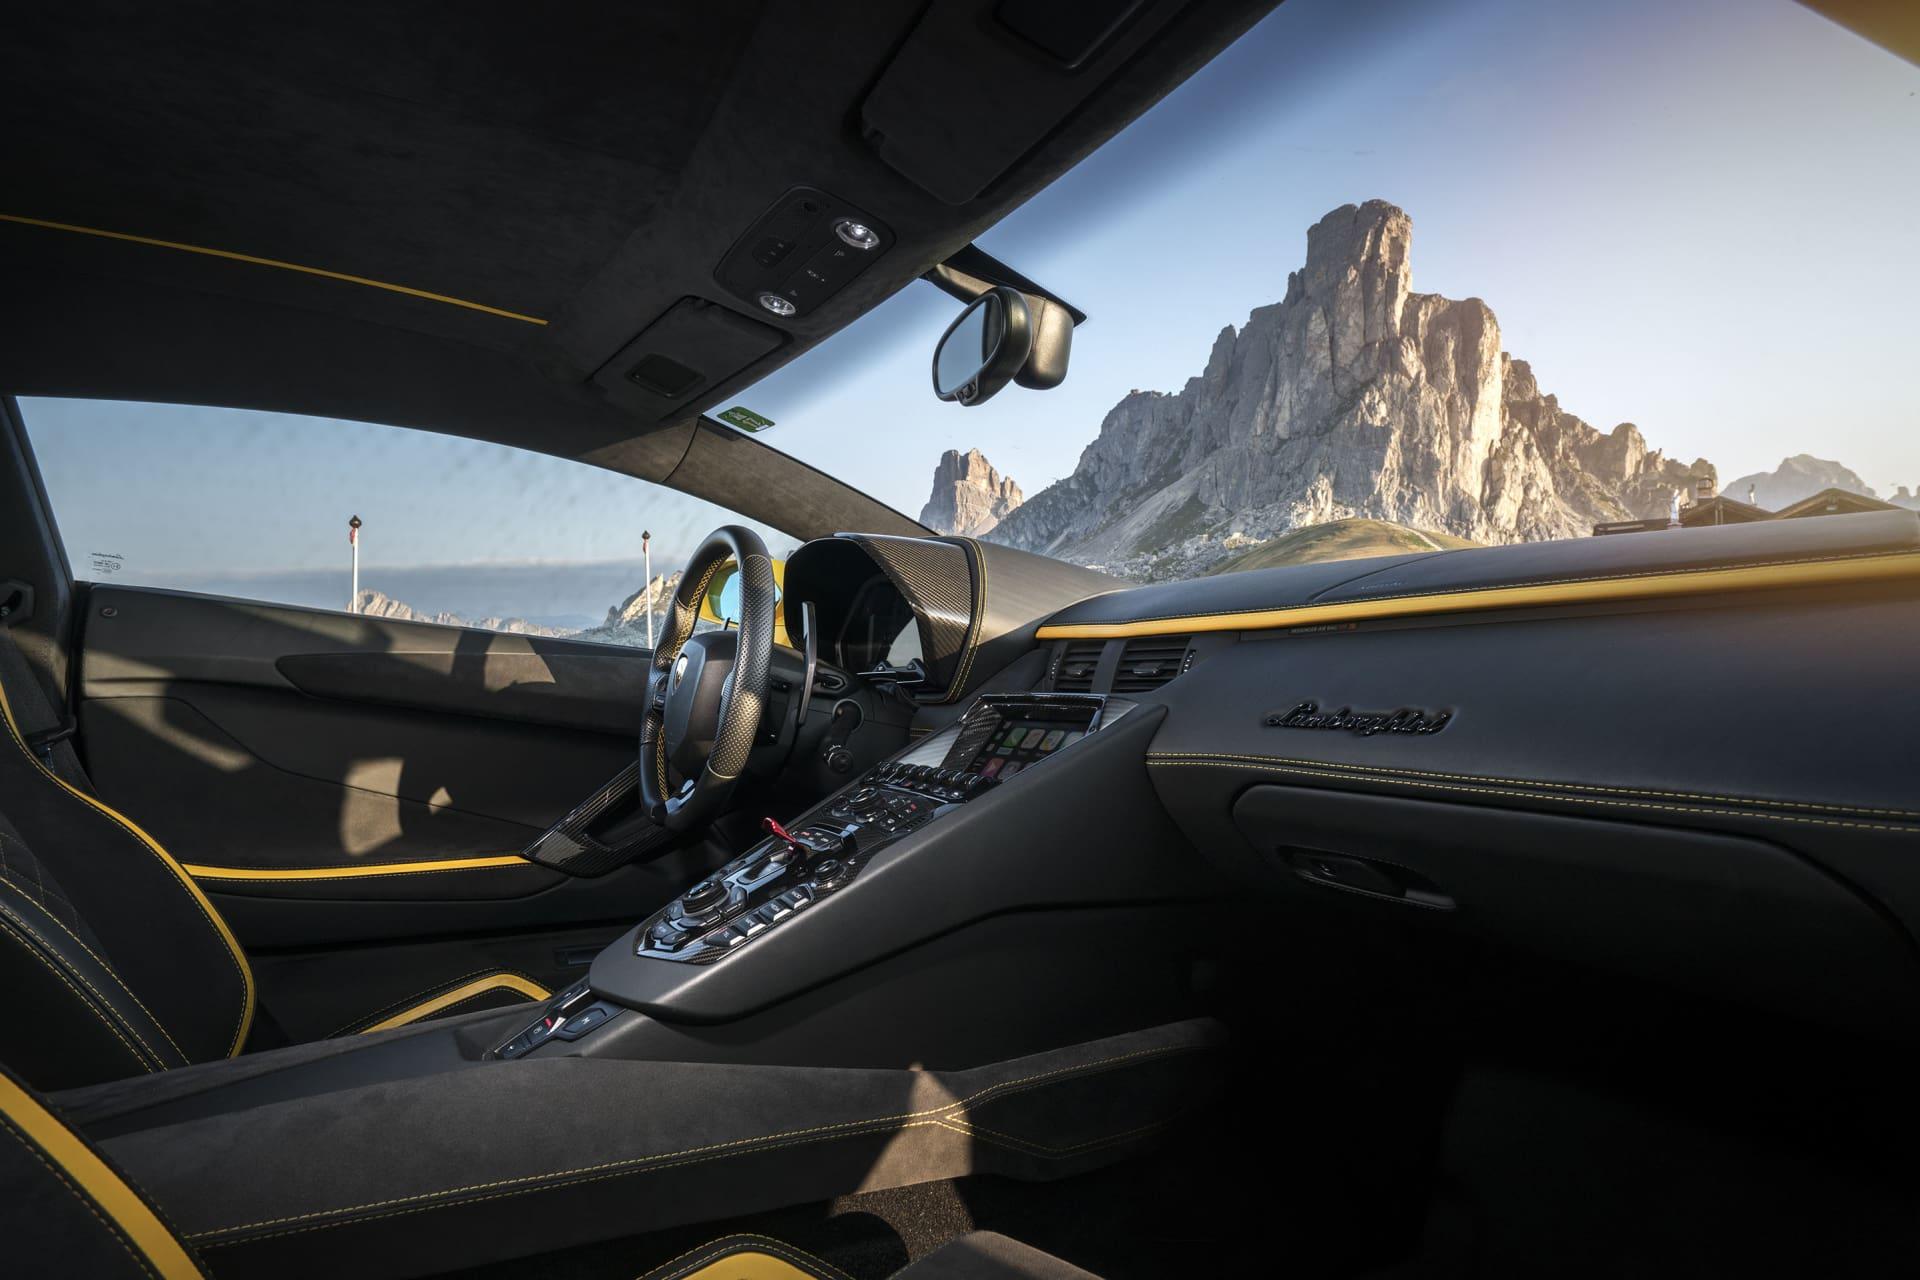 Interiören i Aventador S kan mer liknas som den i ett stridsflygplan. Startknappen är gömd under en ilsket röd skyddsflapp som måstre fällas upp. Materialvalen är en härlig blandning av läder, alcantara och kolfiber.